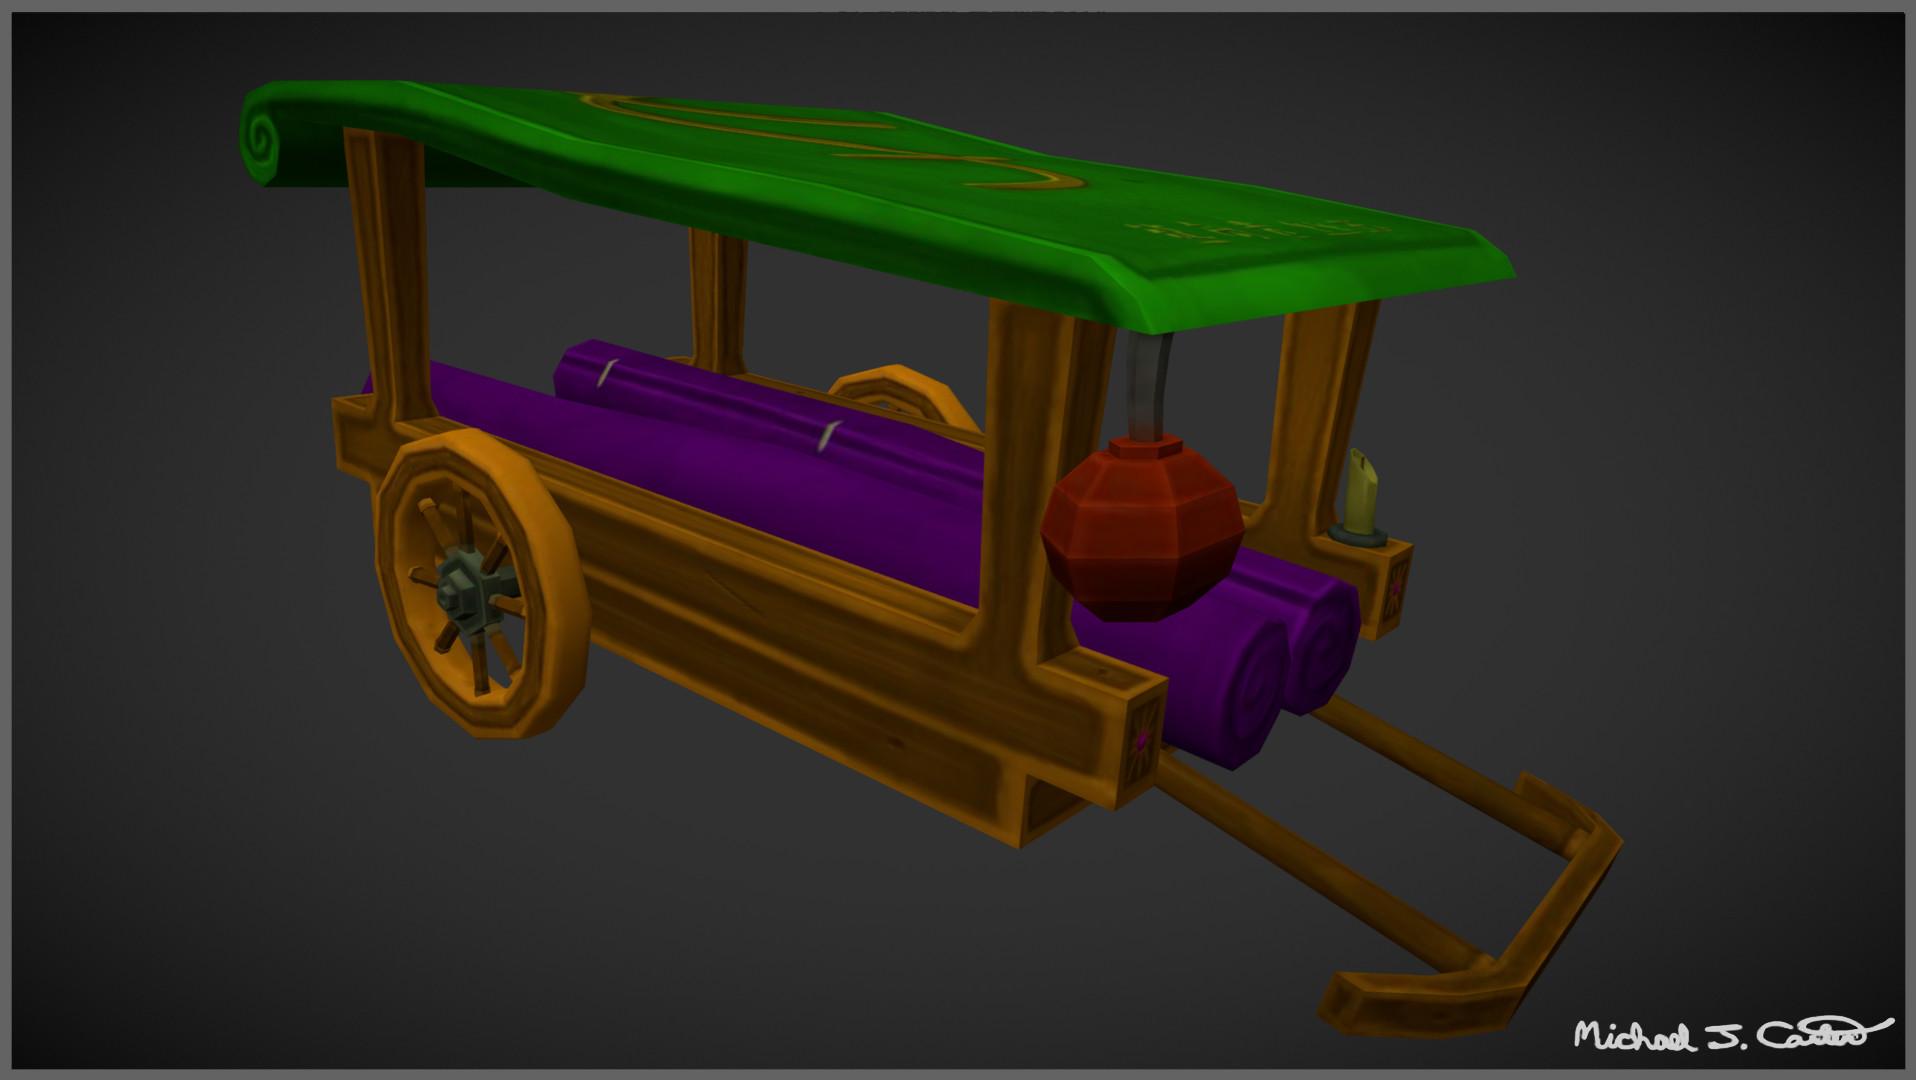 Michael jake carter mcarter fantasy chinese silk trader wagon side image